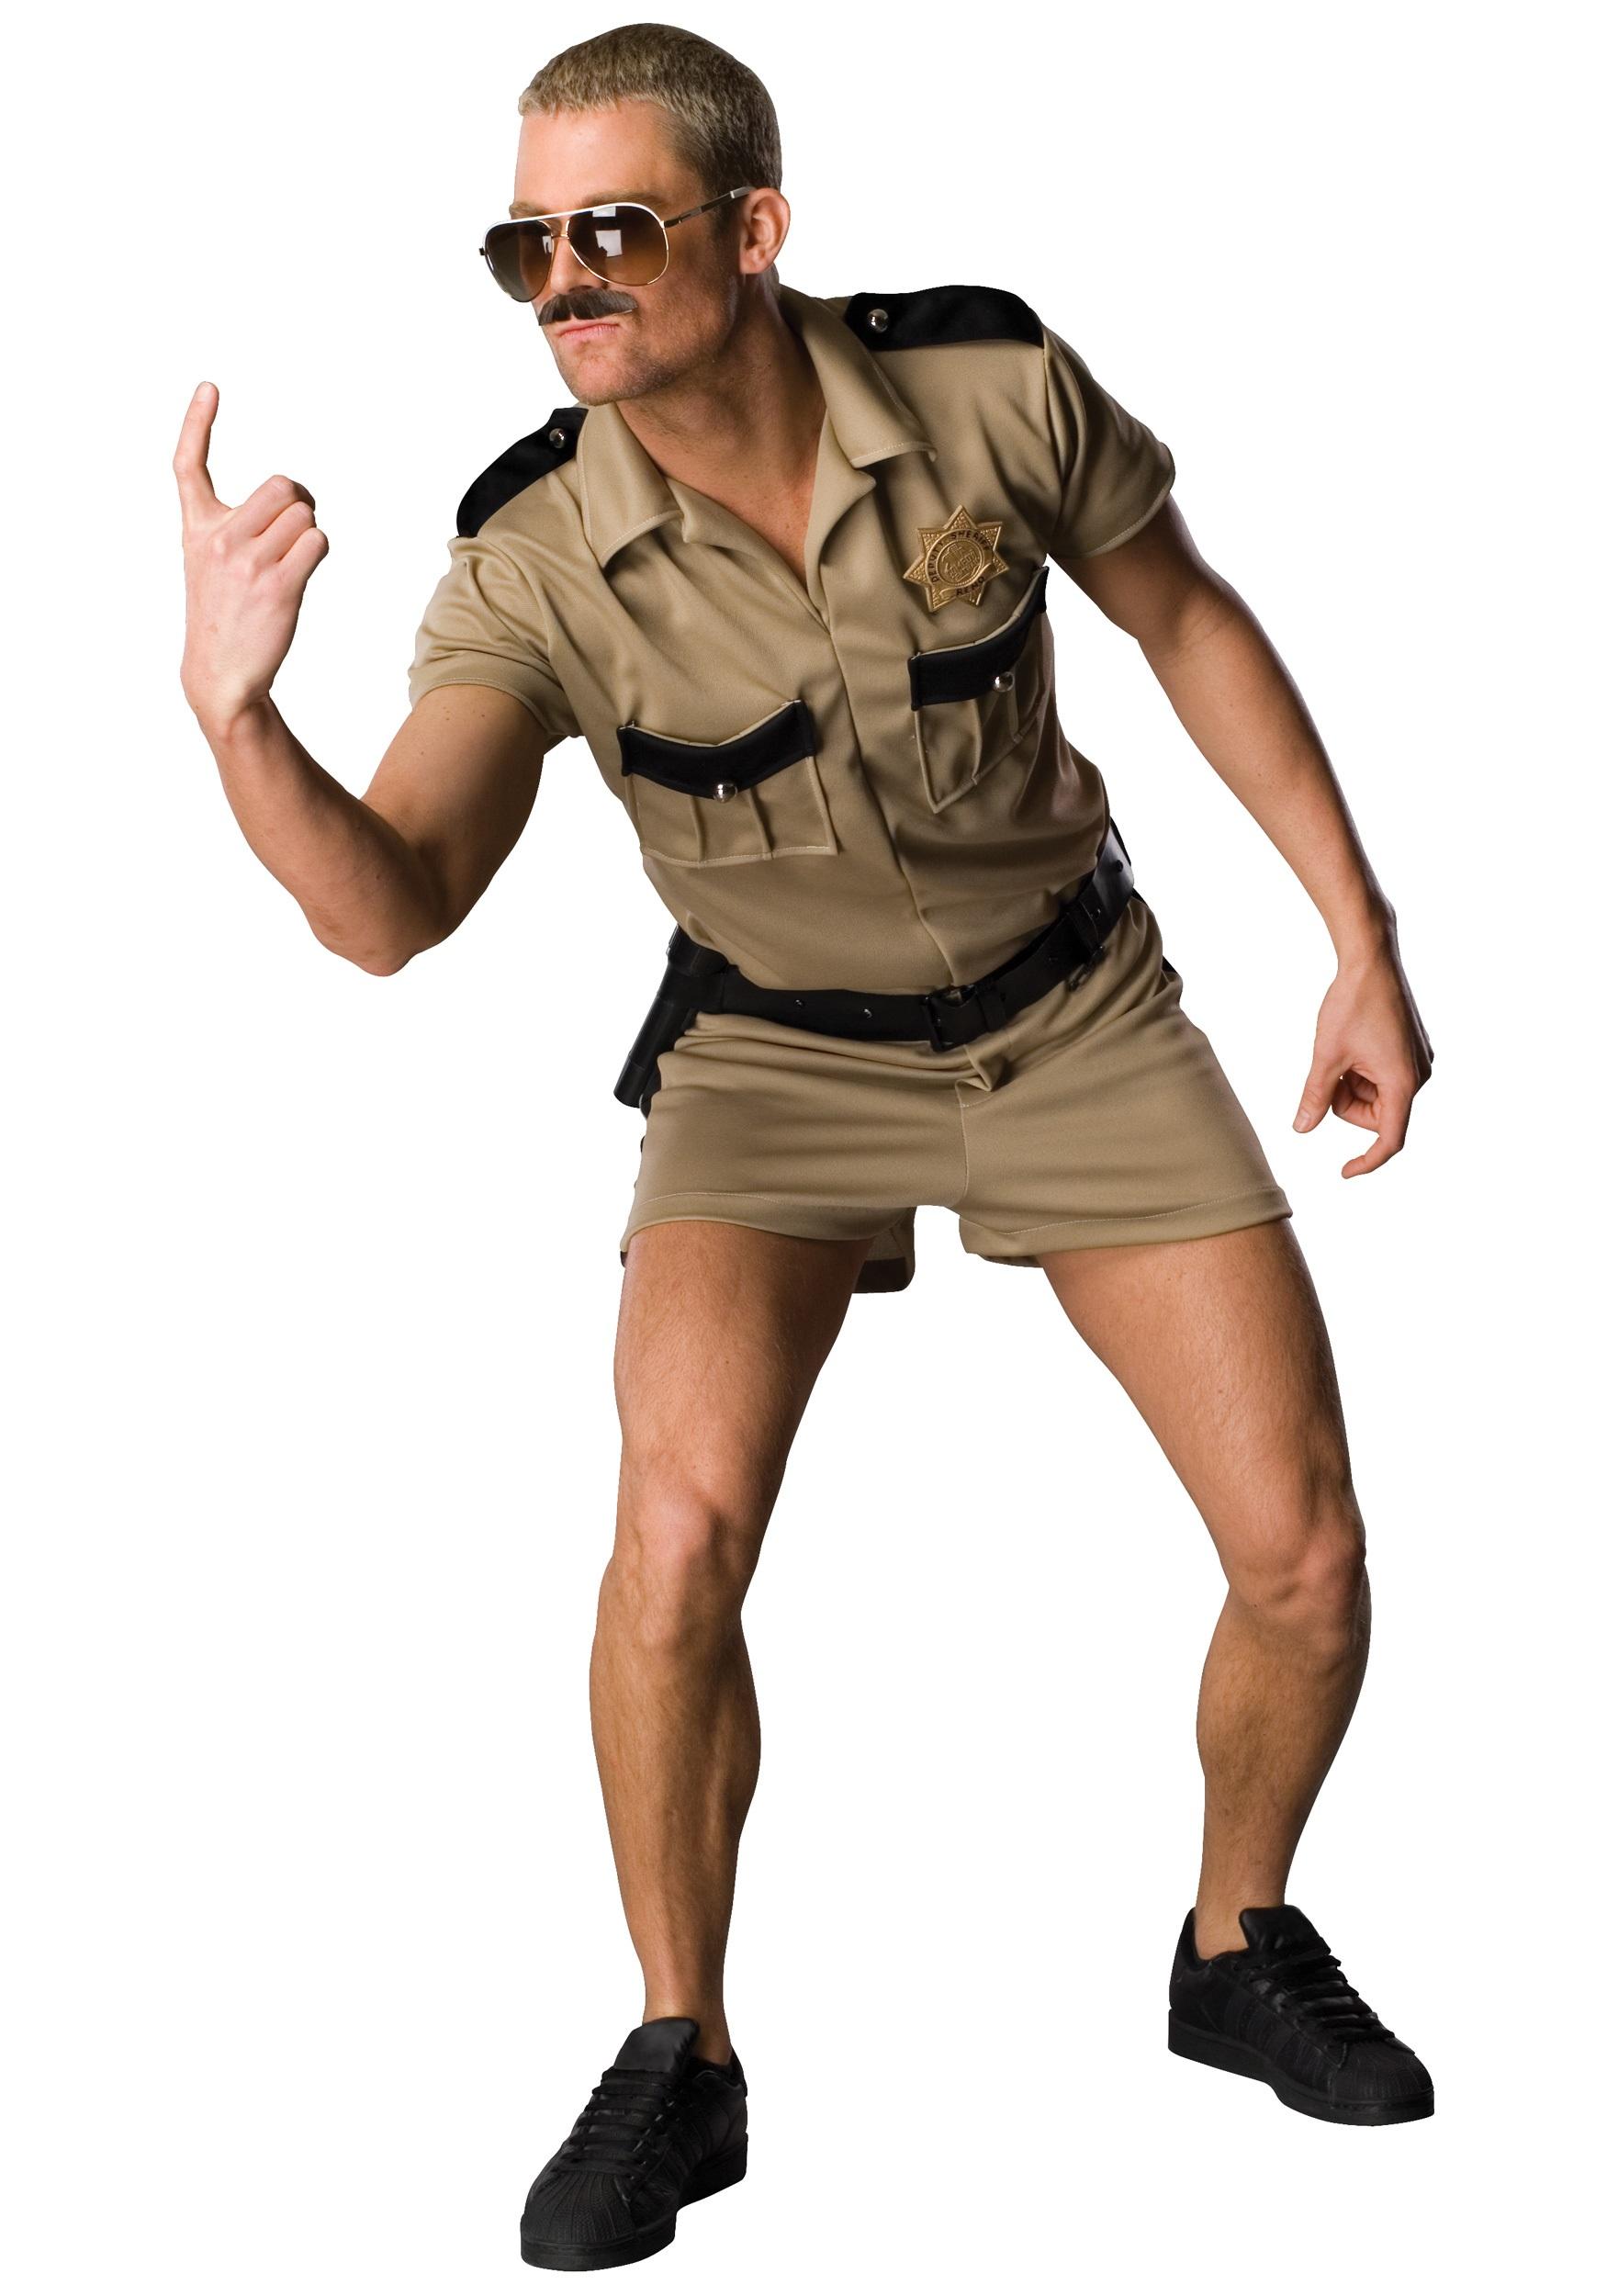 Adult halloween costume humorous